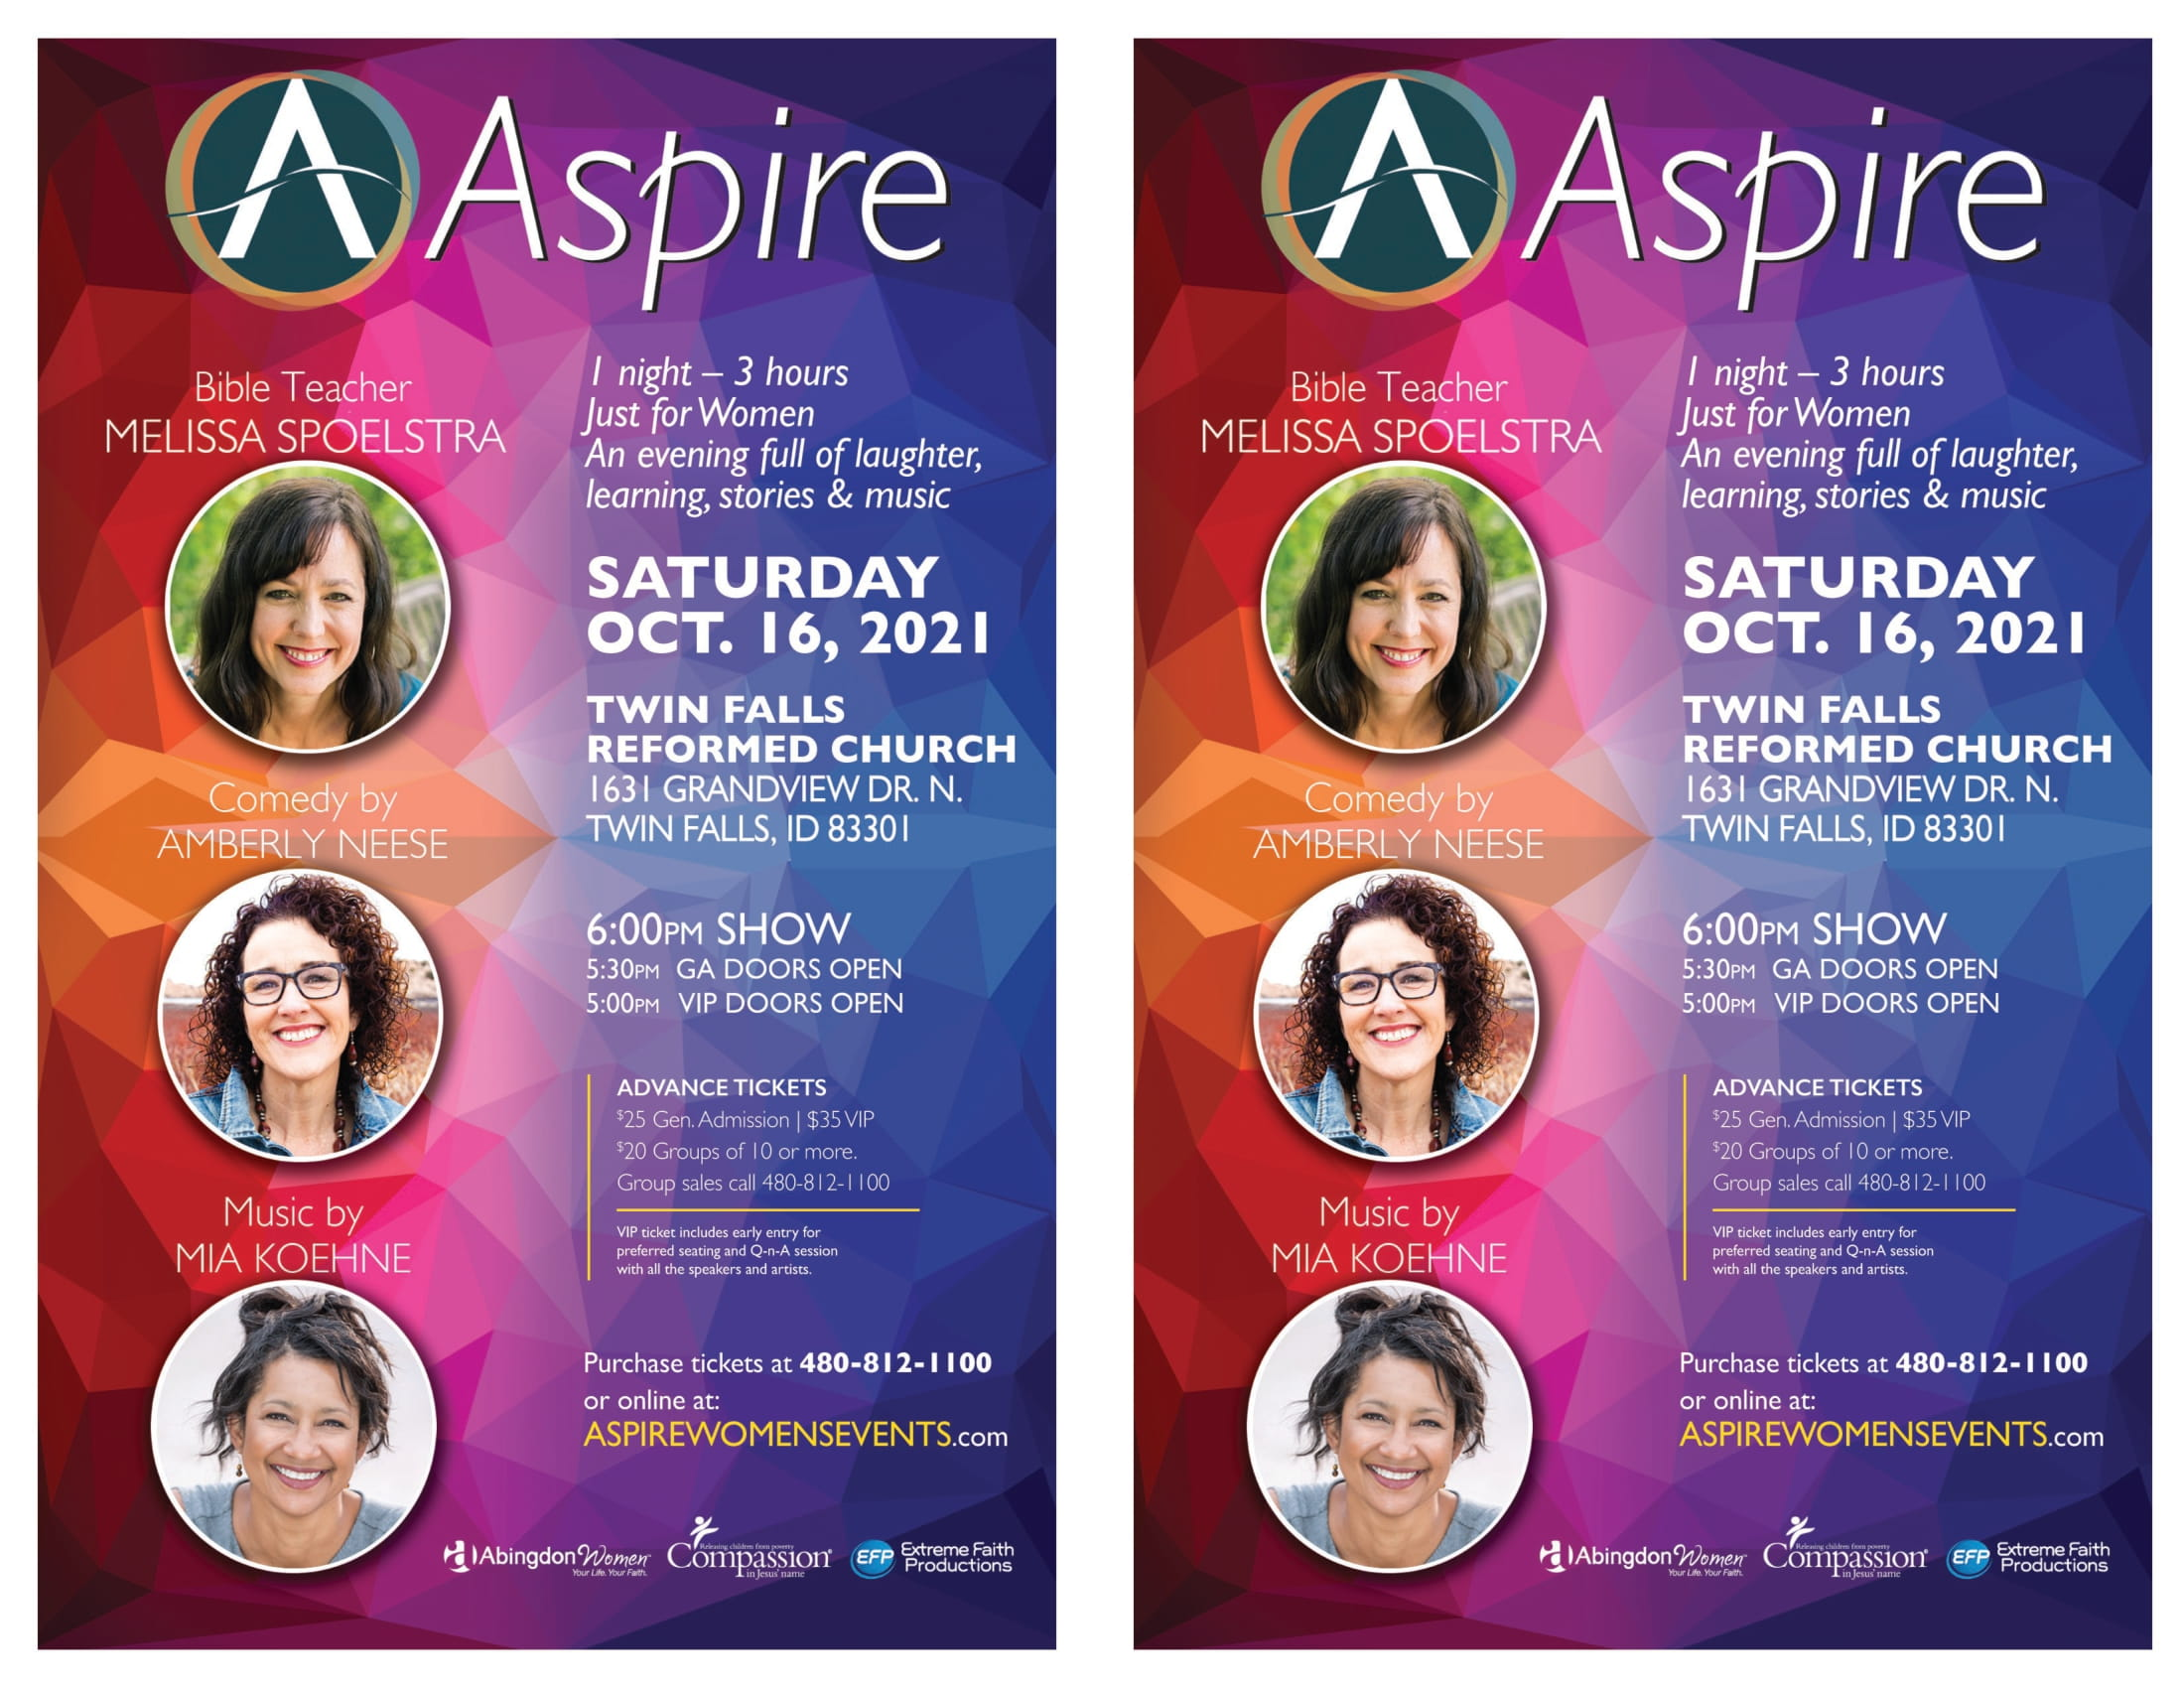 ASPIRE SAT Oct 16 Twin Falls ID-2UP-1